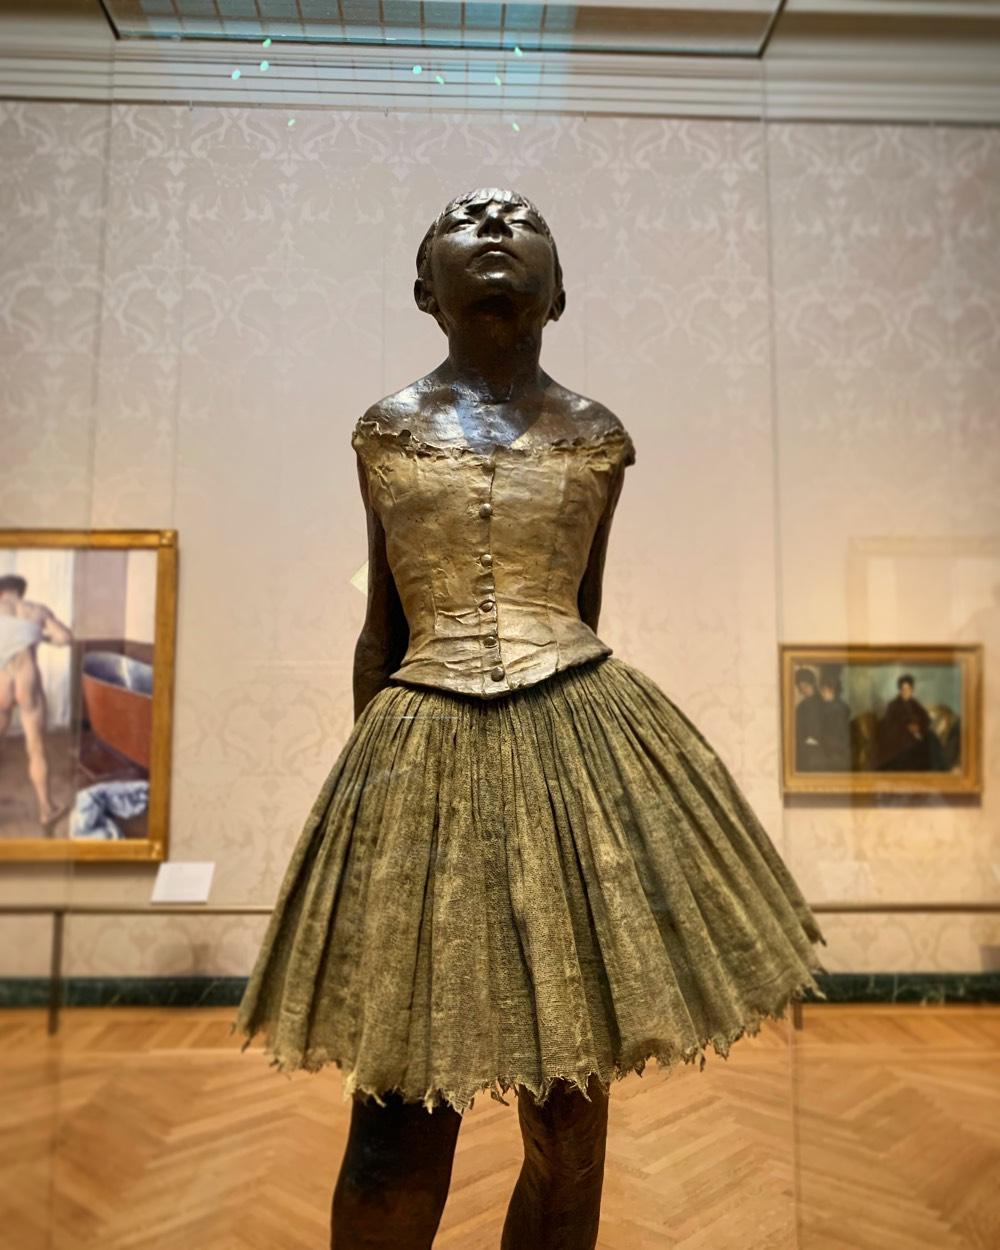 La Petite Danseuse de Quatorze Ans by Edgar Degas